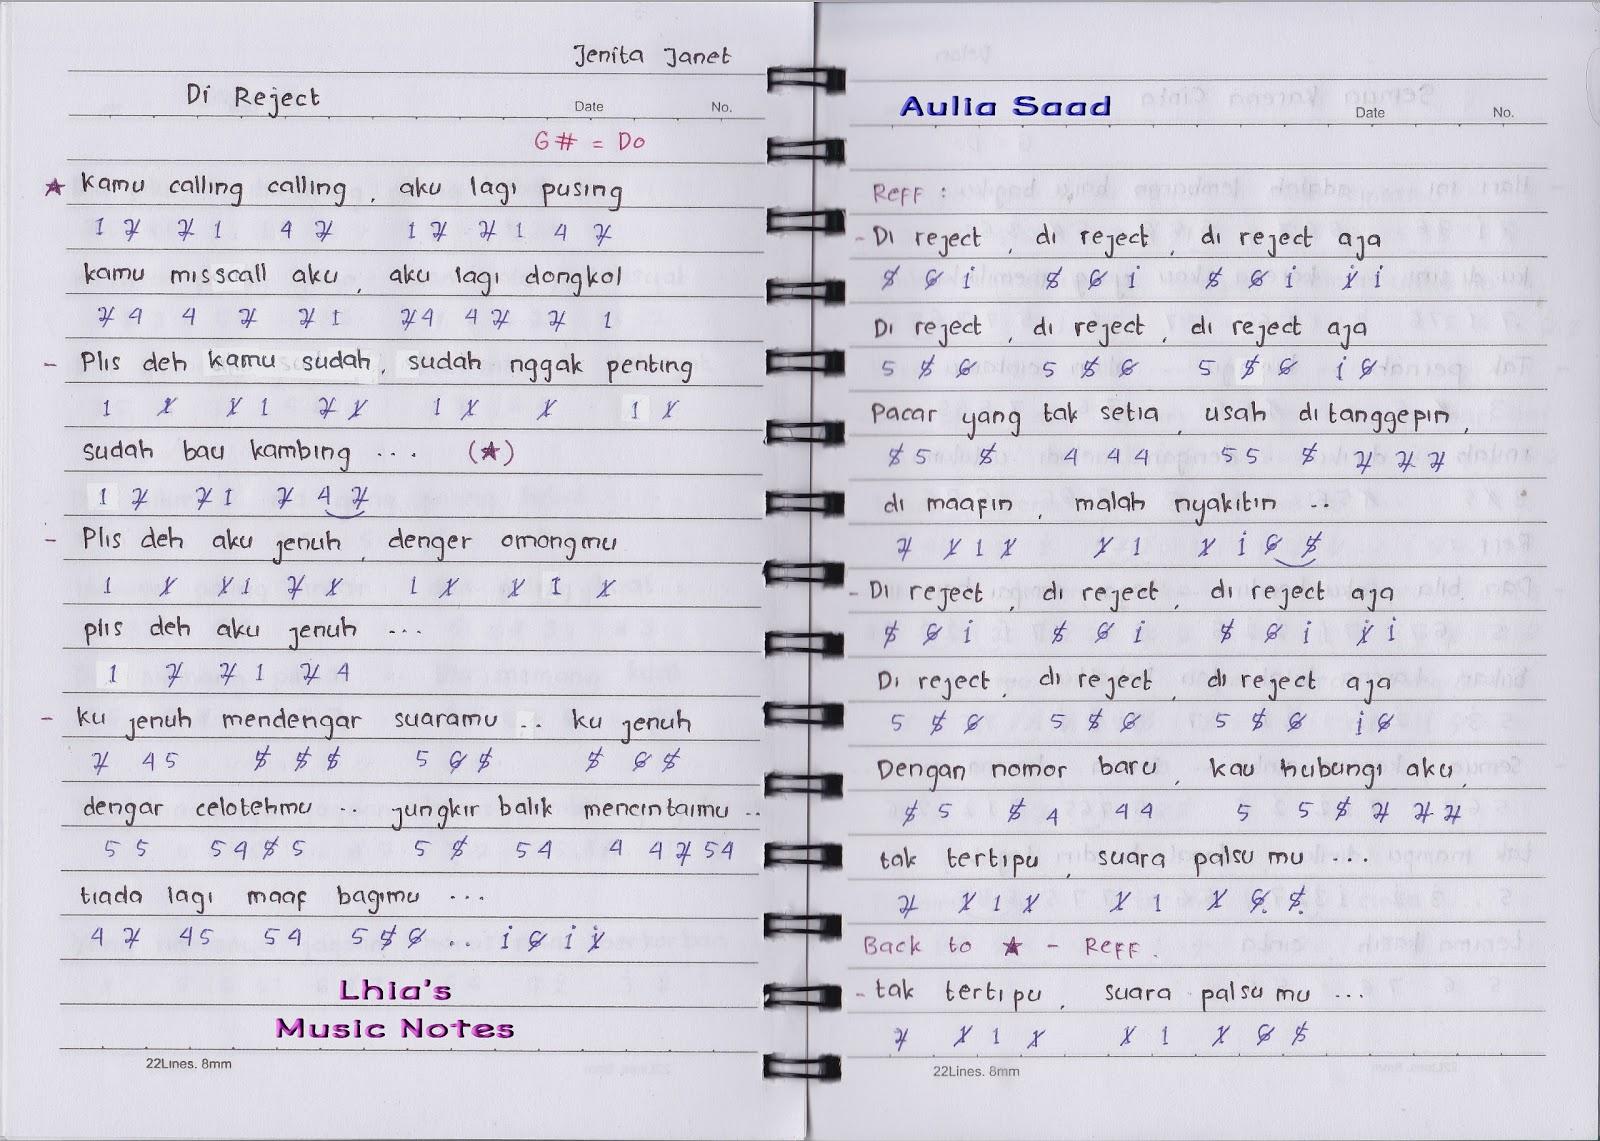 Not Angka Lagu Dangdut Lhia S Music Notes Laman 2